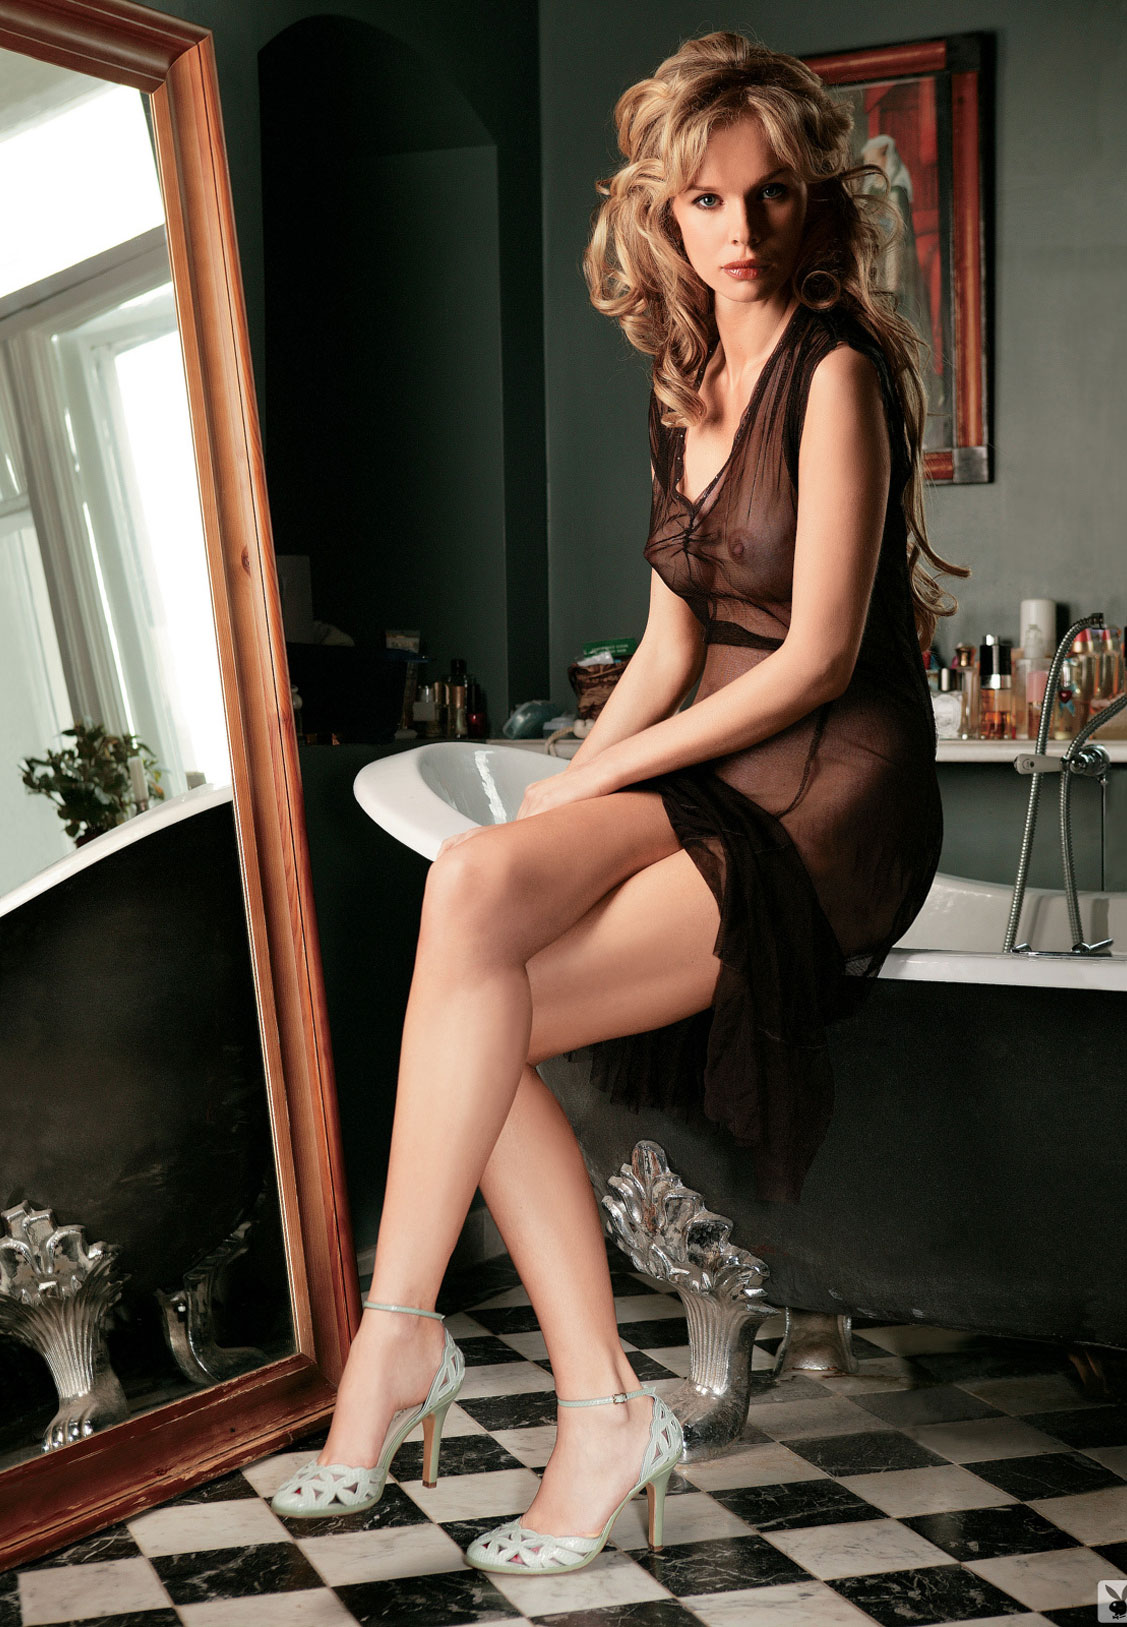 Девушка месяца Ольга Курбатова, Playboy Россия март 2005 / фото 03